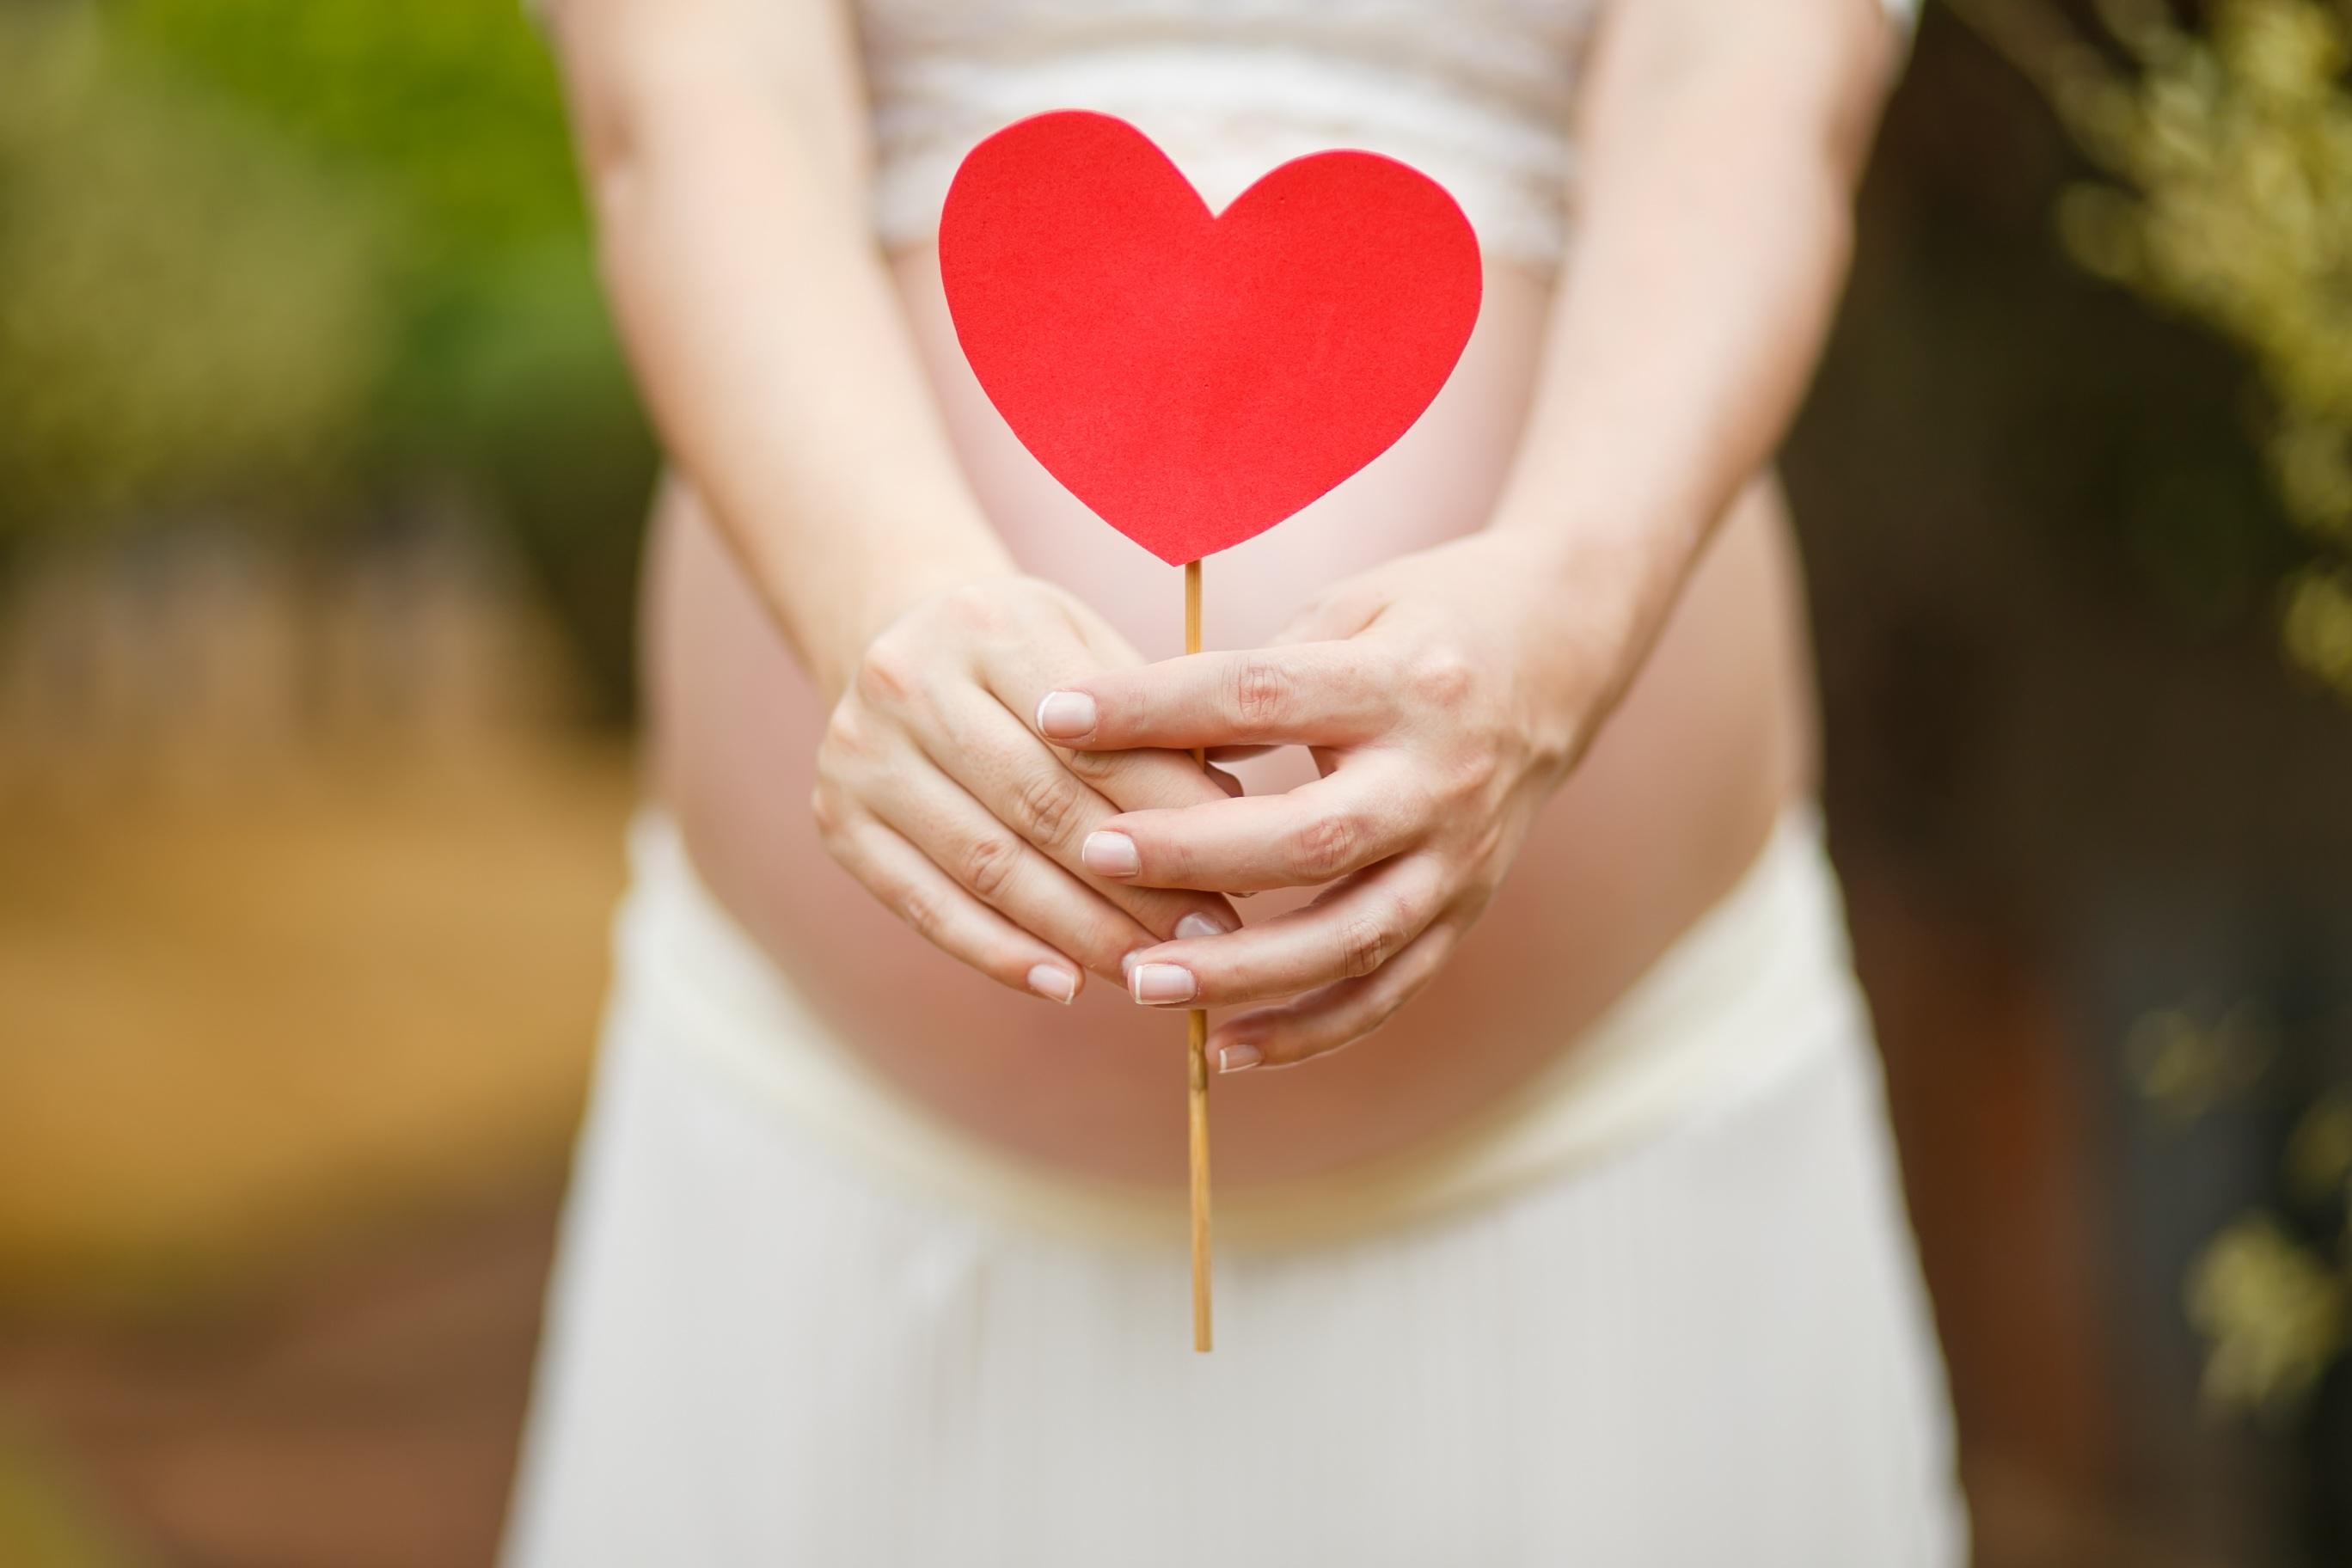 蘆洲婦產科醫師;溫心提醒產前產後大小事;產後恢復超順利